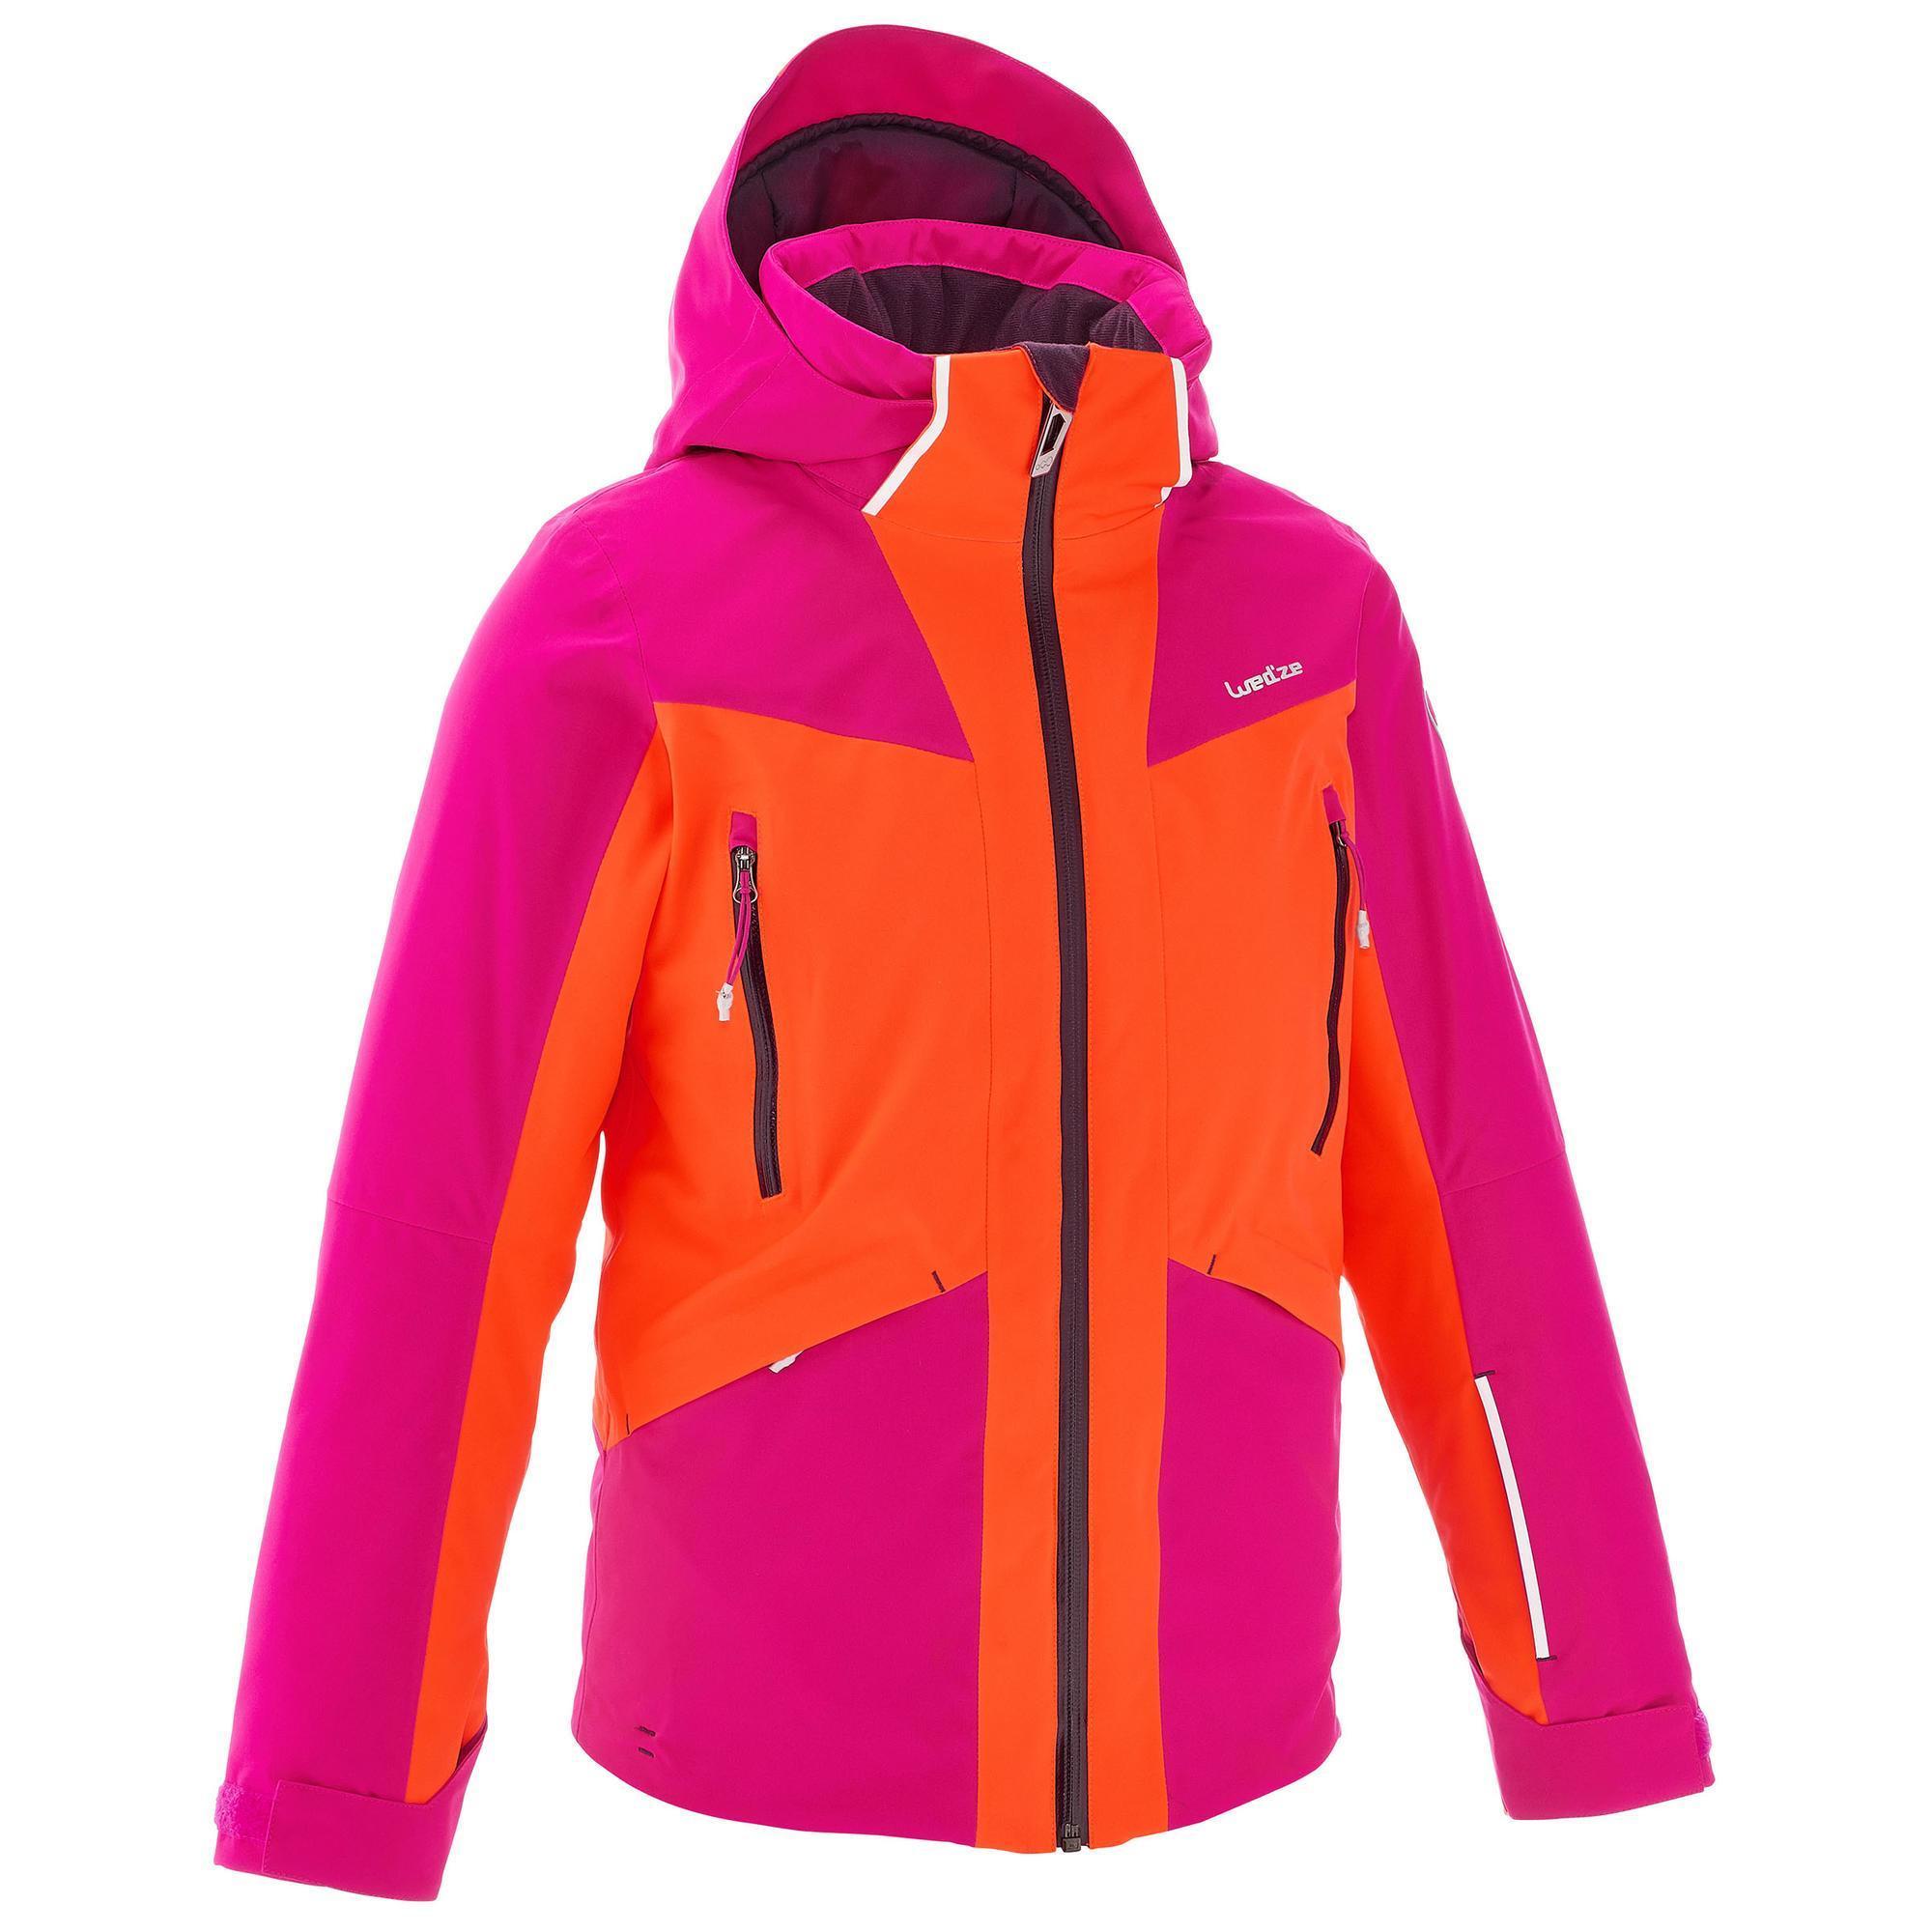 veste ski 700 fille rose orange fluo wedze. Black Bedroom Furniture Sets. Home Design Ideas